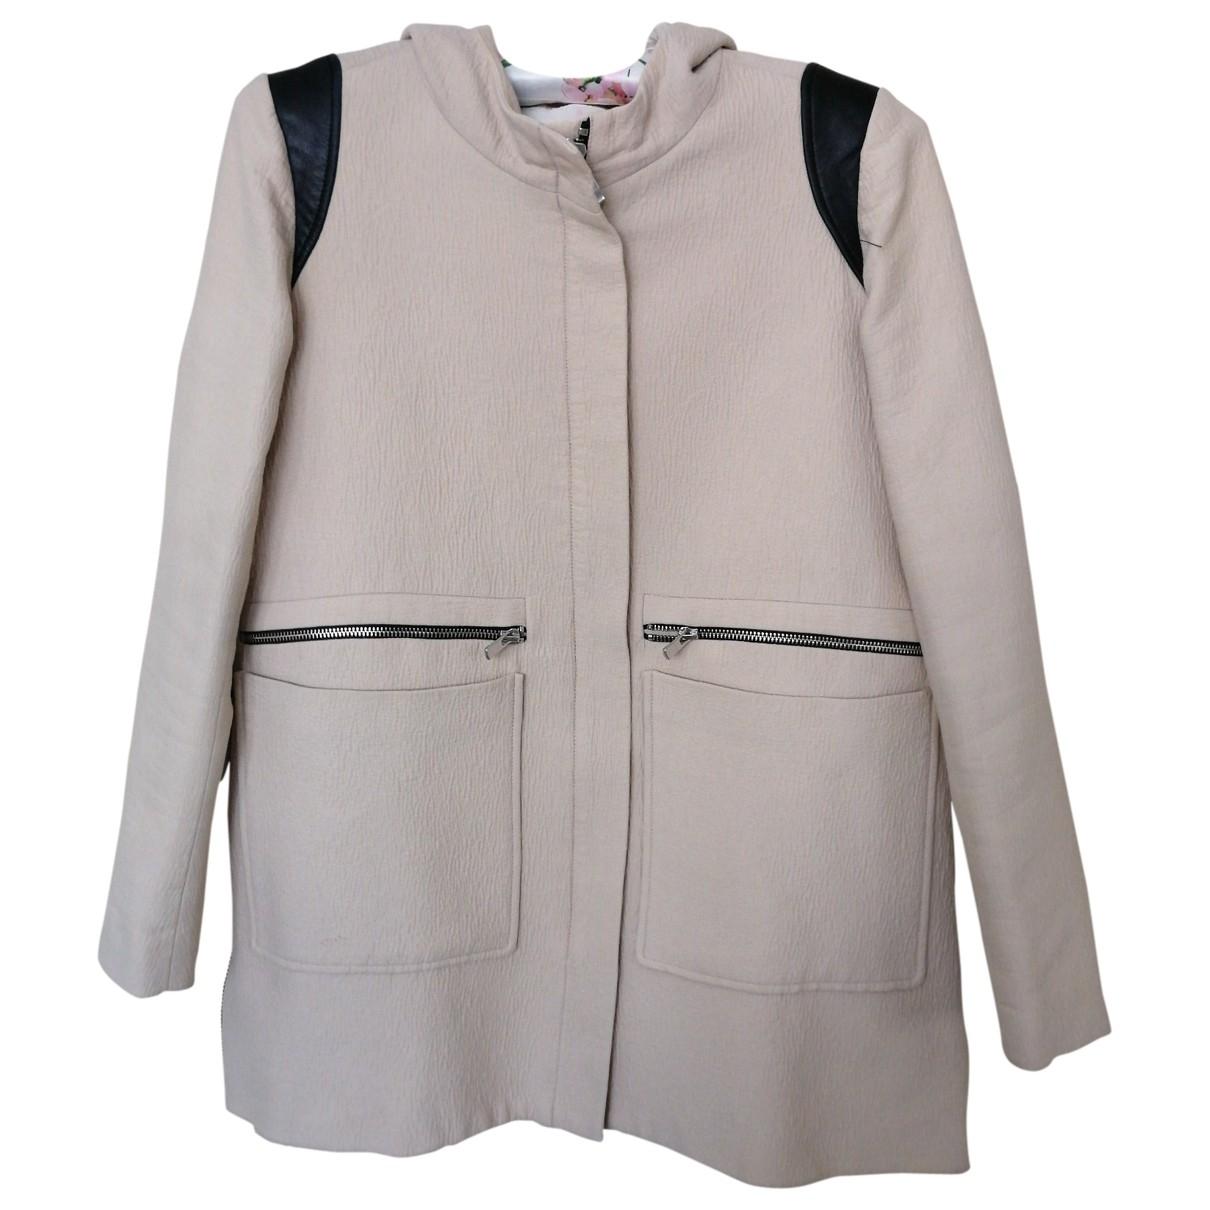 Maje \N Beige Cotton coat for Women 36 FR